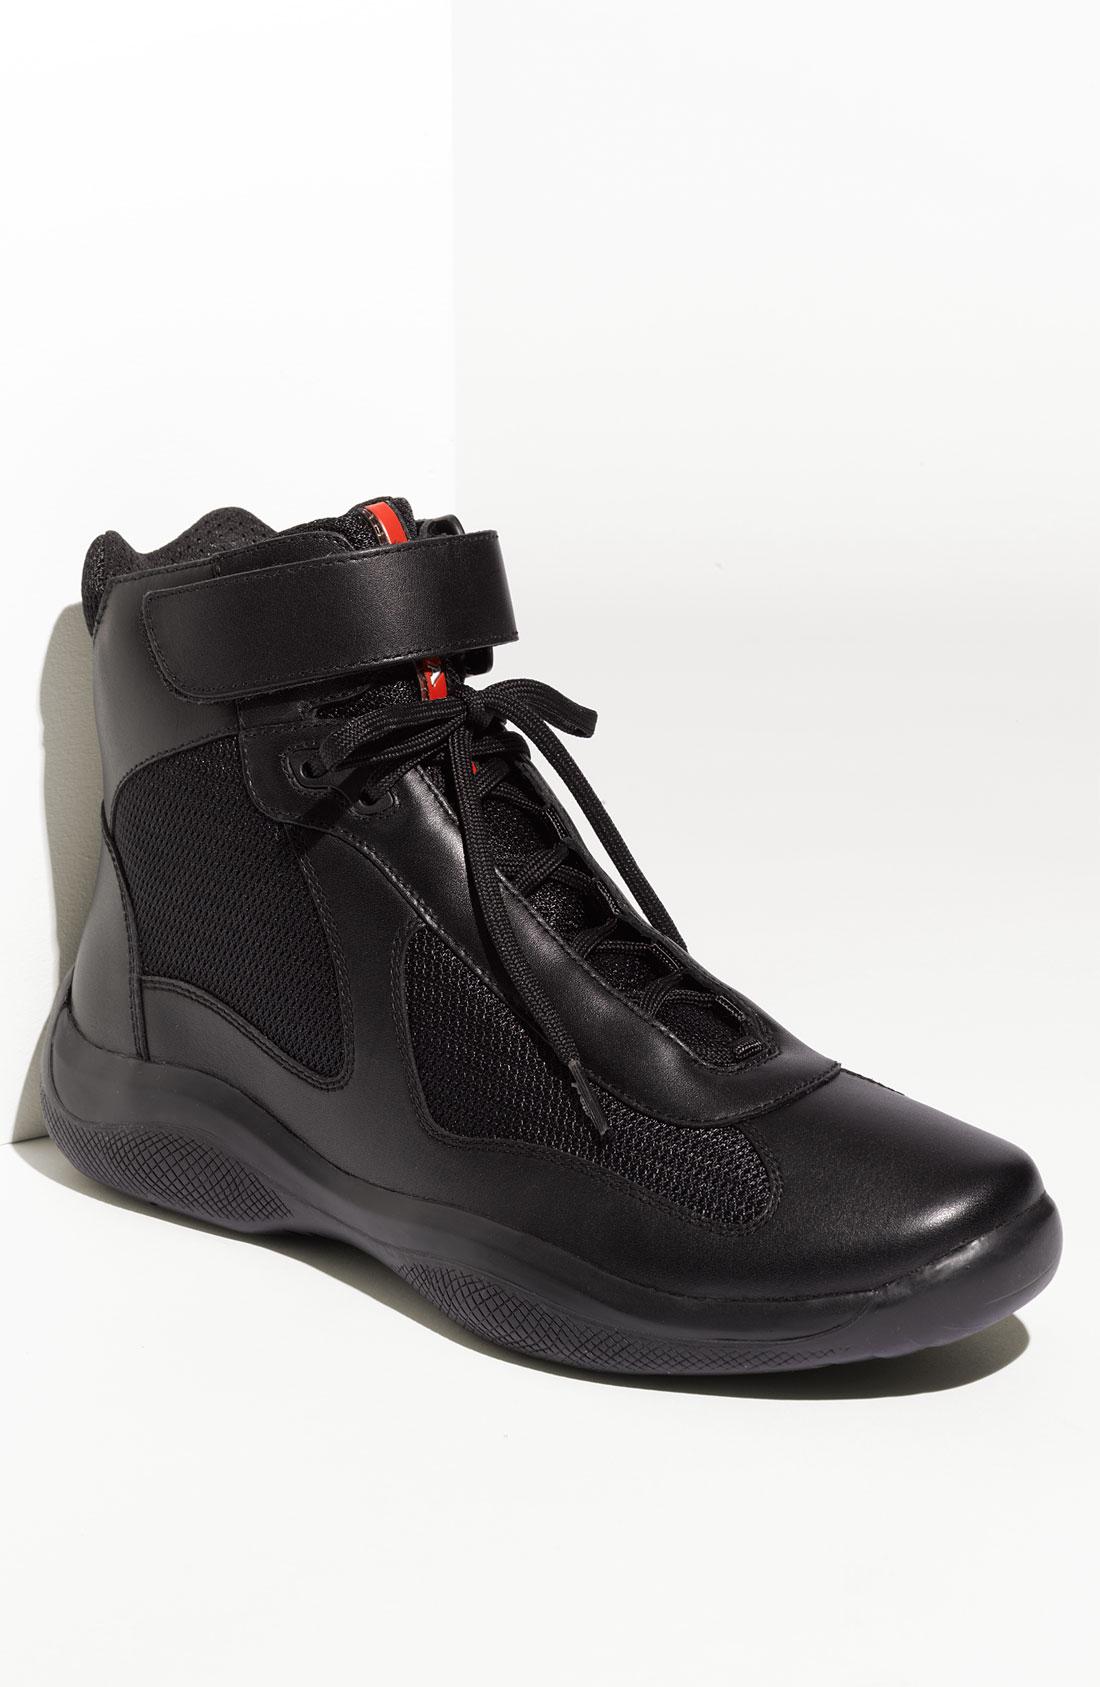 Prada Americas Cup High Top Sneaker Men In Black For Men